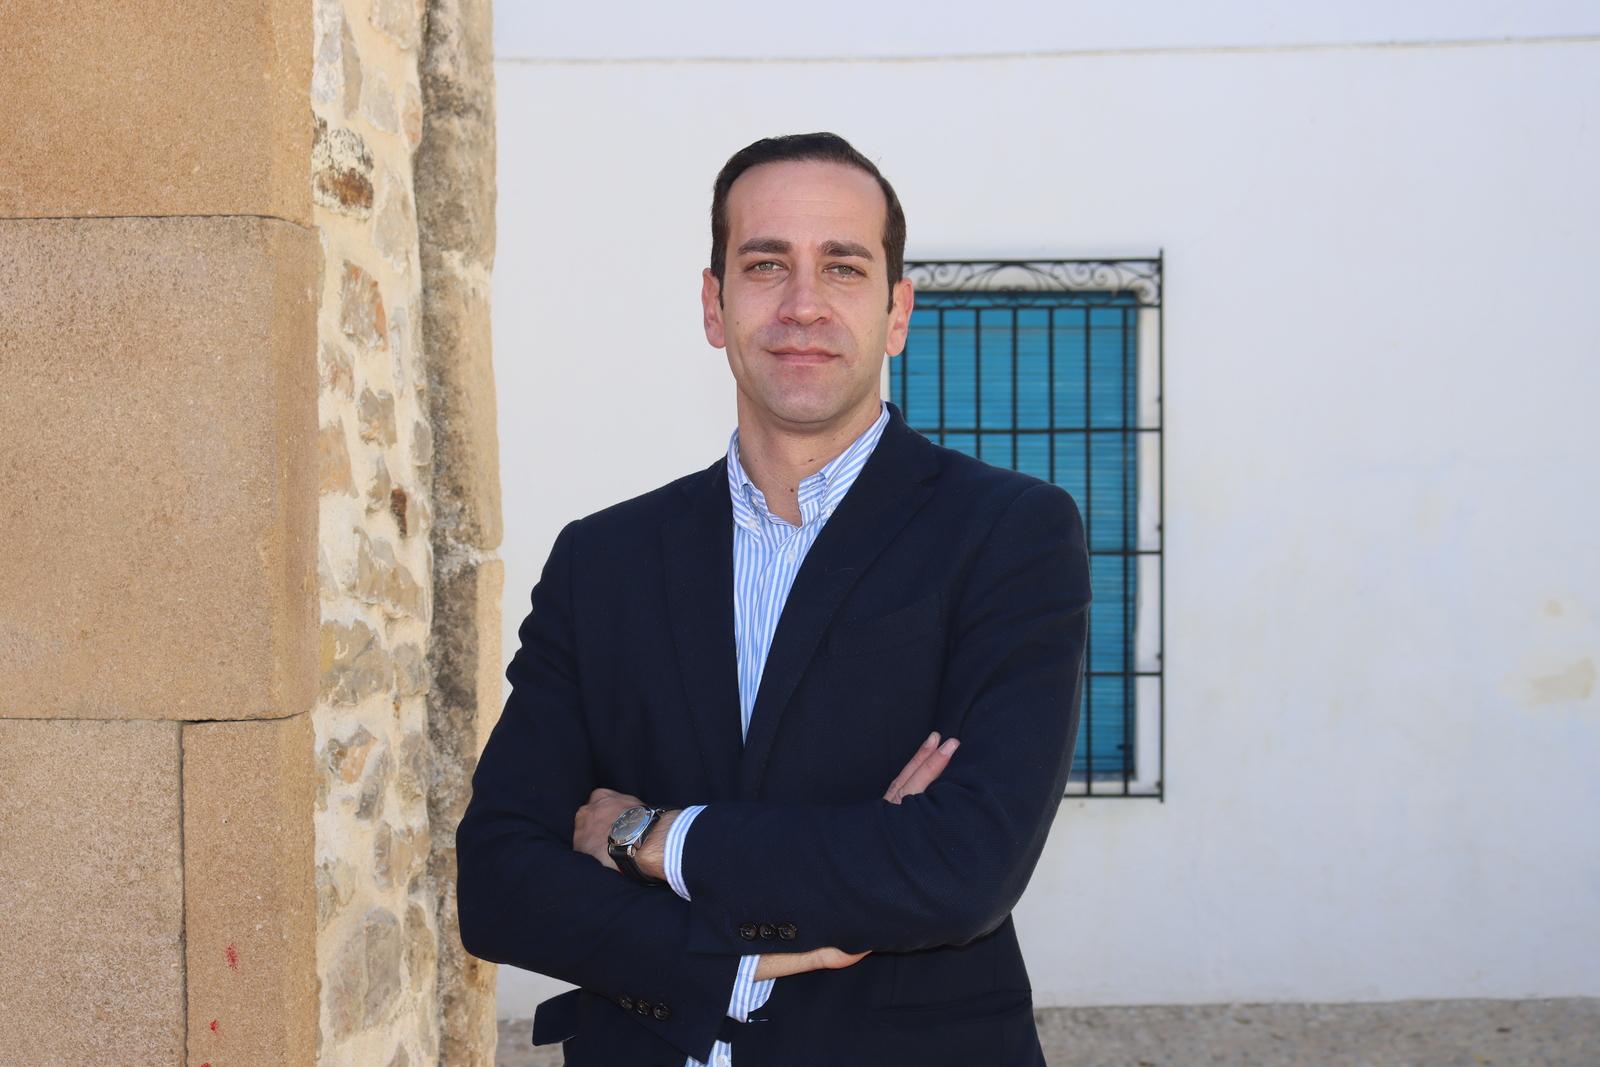 Entrevista a Arturo Poquet, alcalde de Benissa- Diario de Alicante